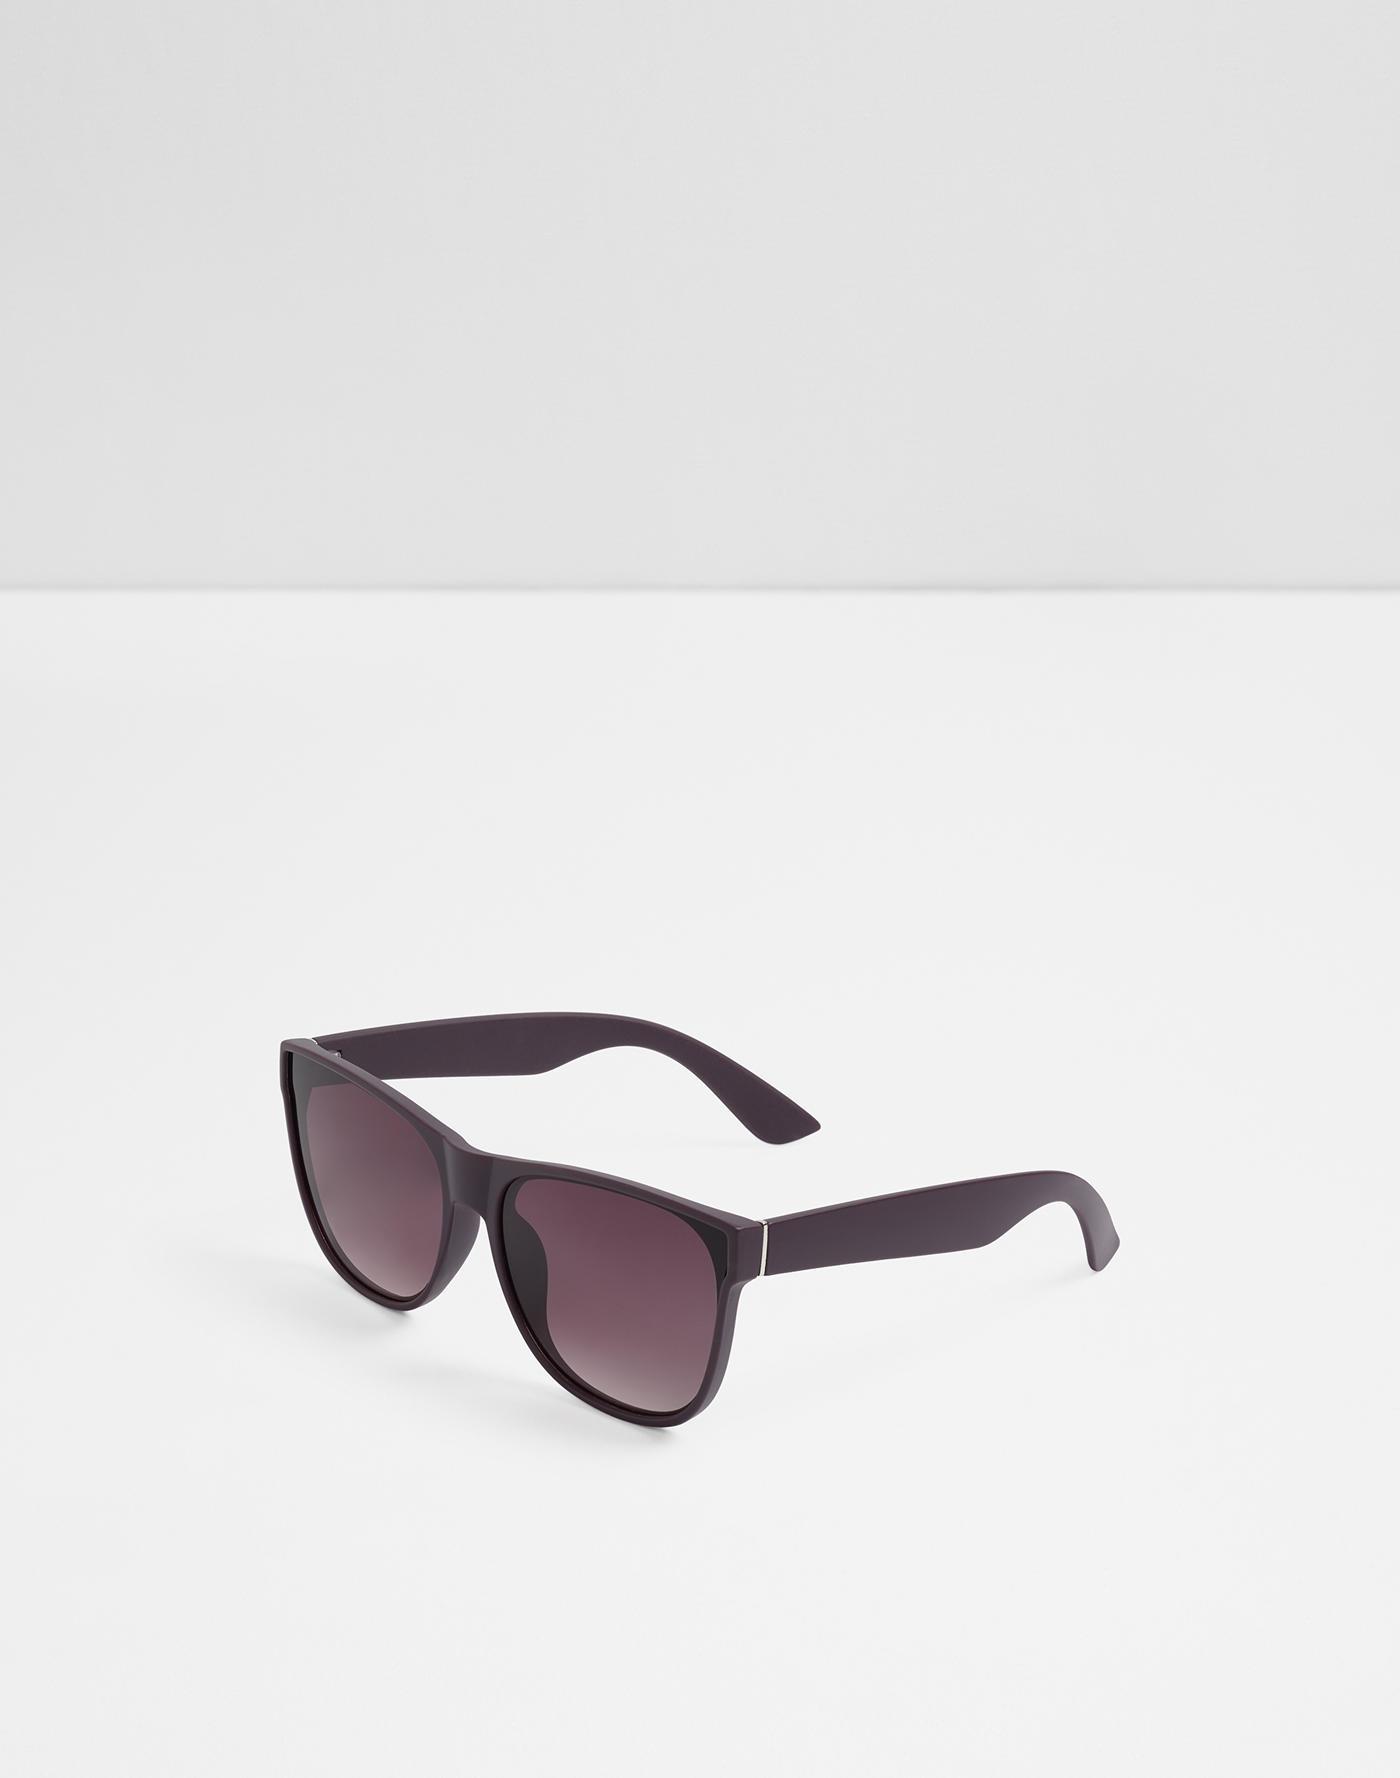 3b623890a56ac Sunglasses